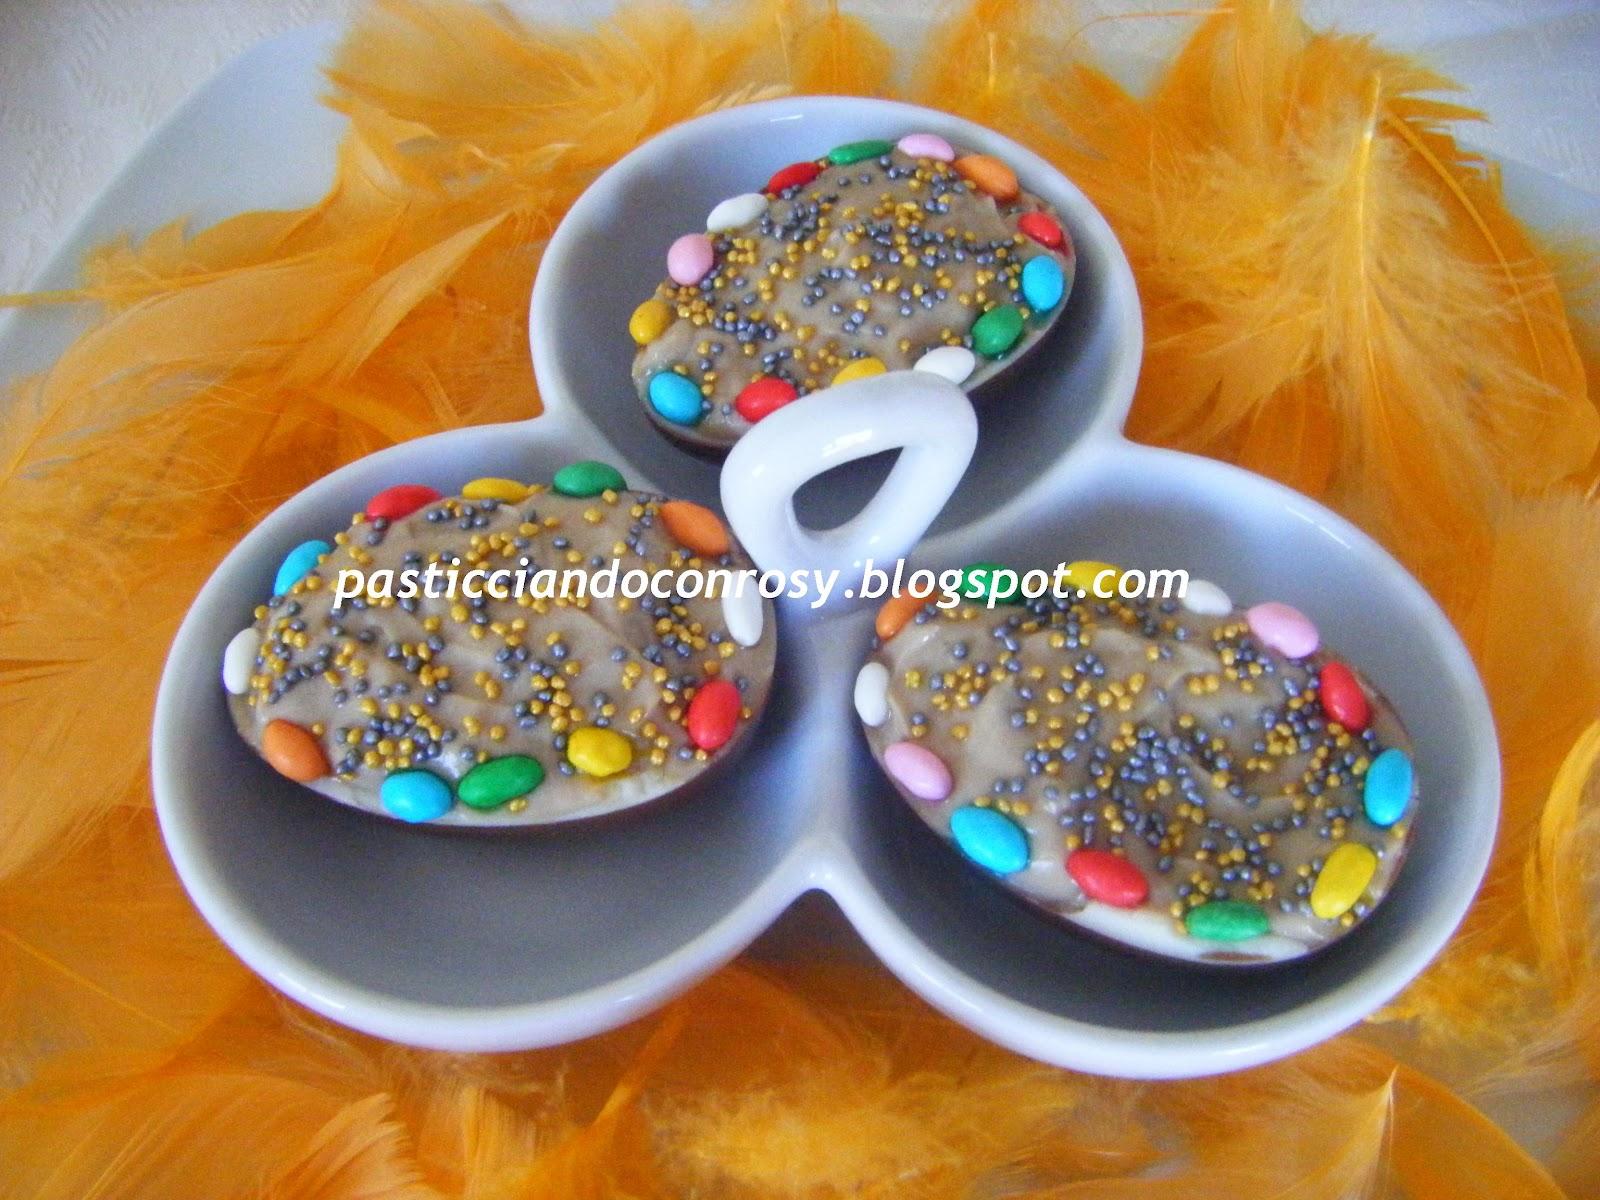 Uova di cioccolato ripiene pasticciando con rosy - Uova di pasqua decorati ...